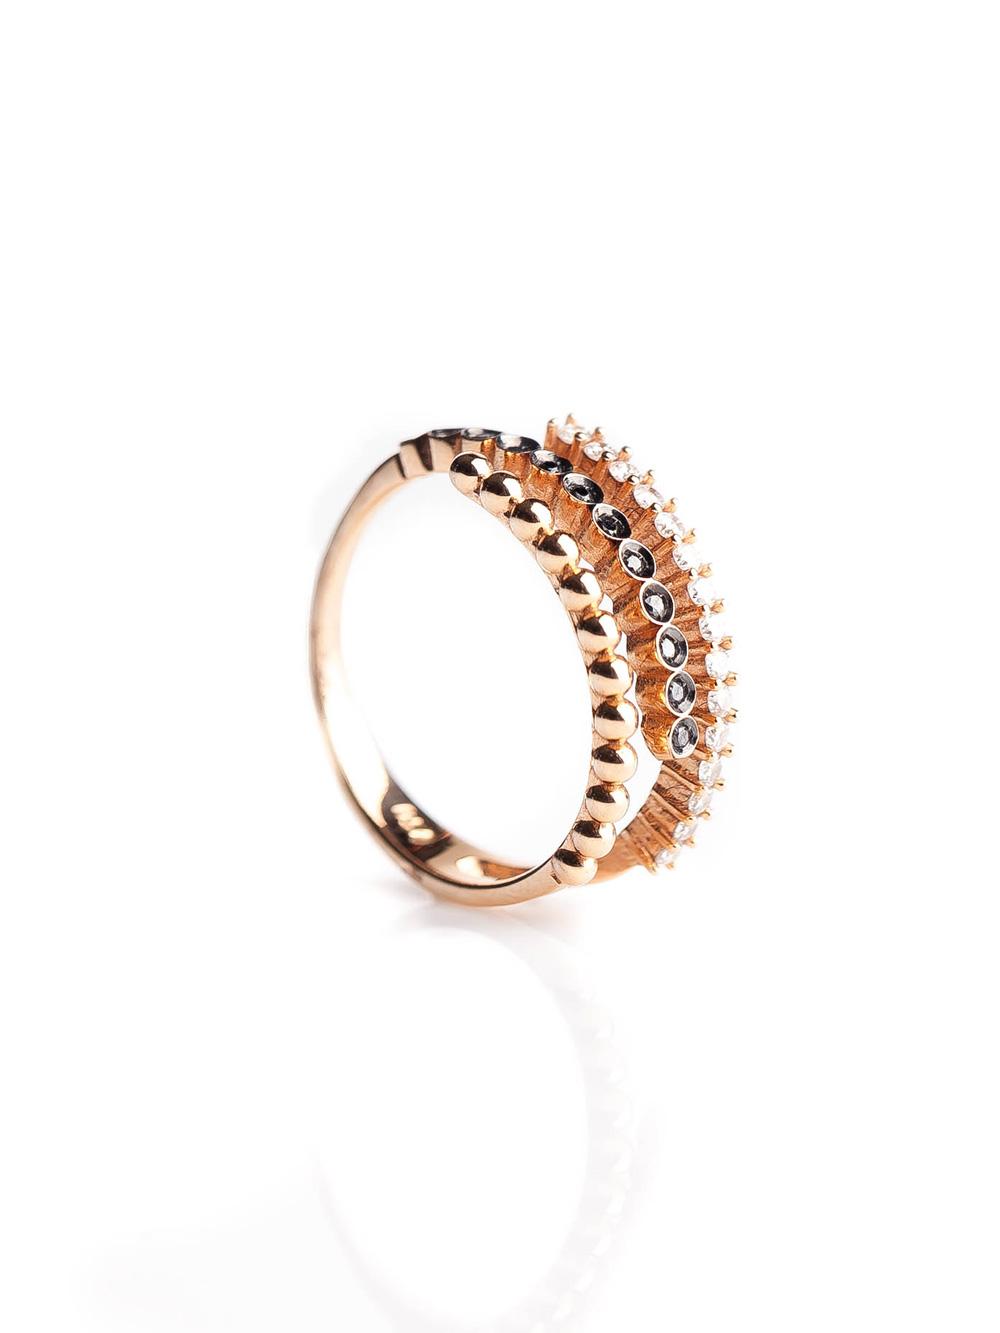 Anel triplo, confeccionado em ouro rose 18k com 22 pontos de diamantes brancos e negros